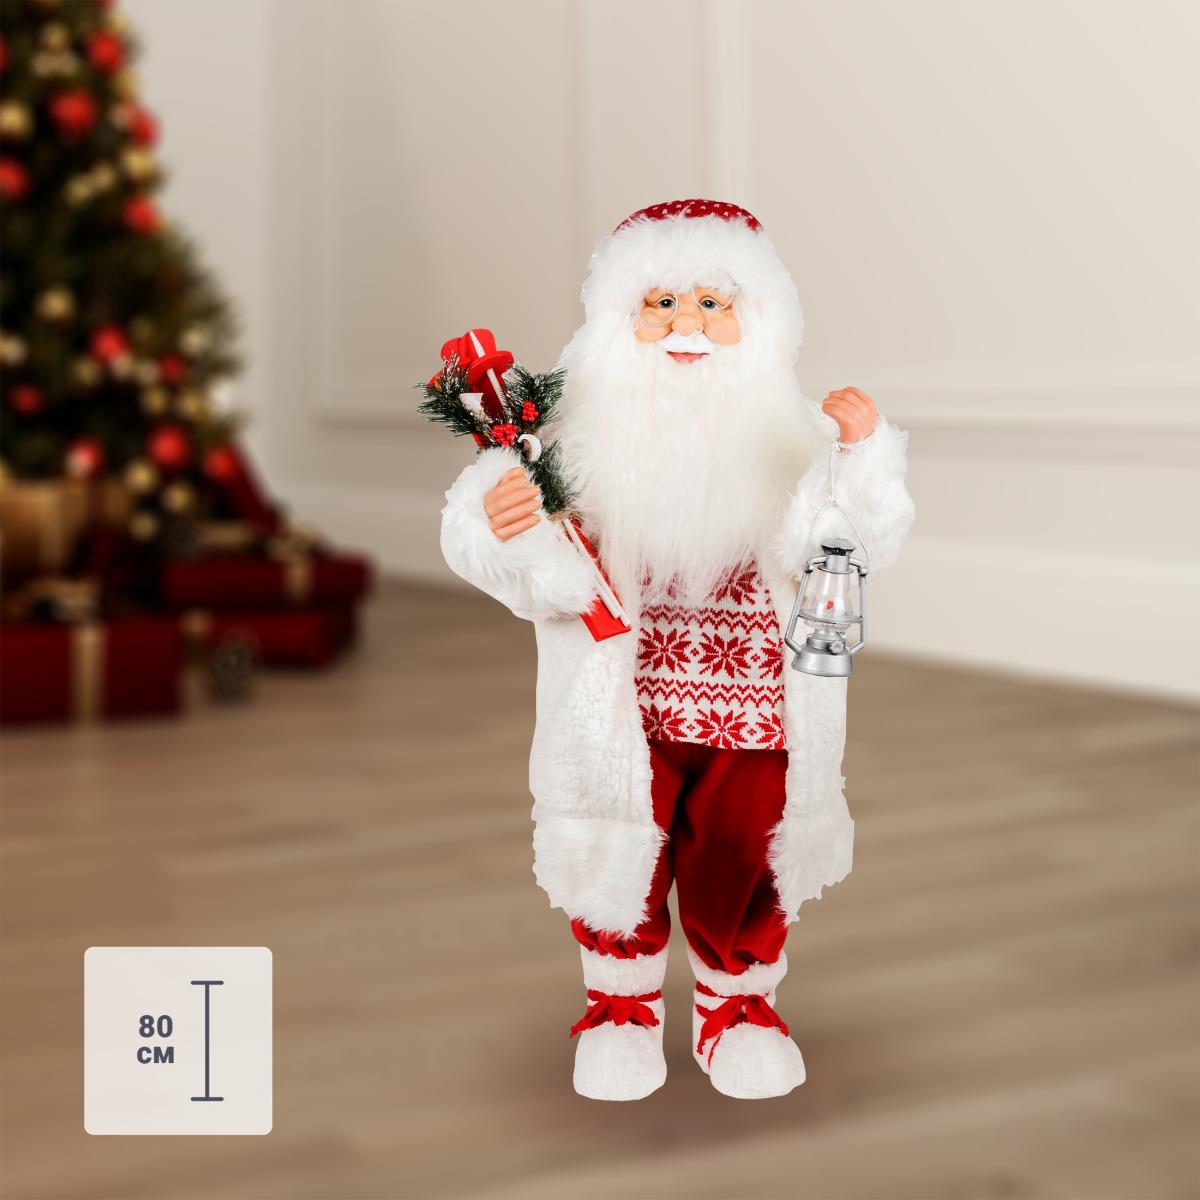 Декоративная фигура «Санта-Клаус» 80 см